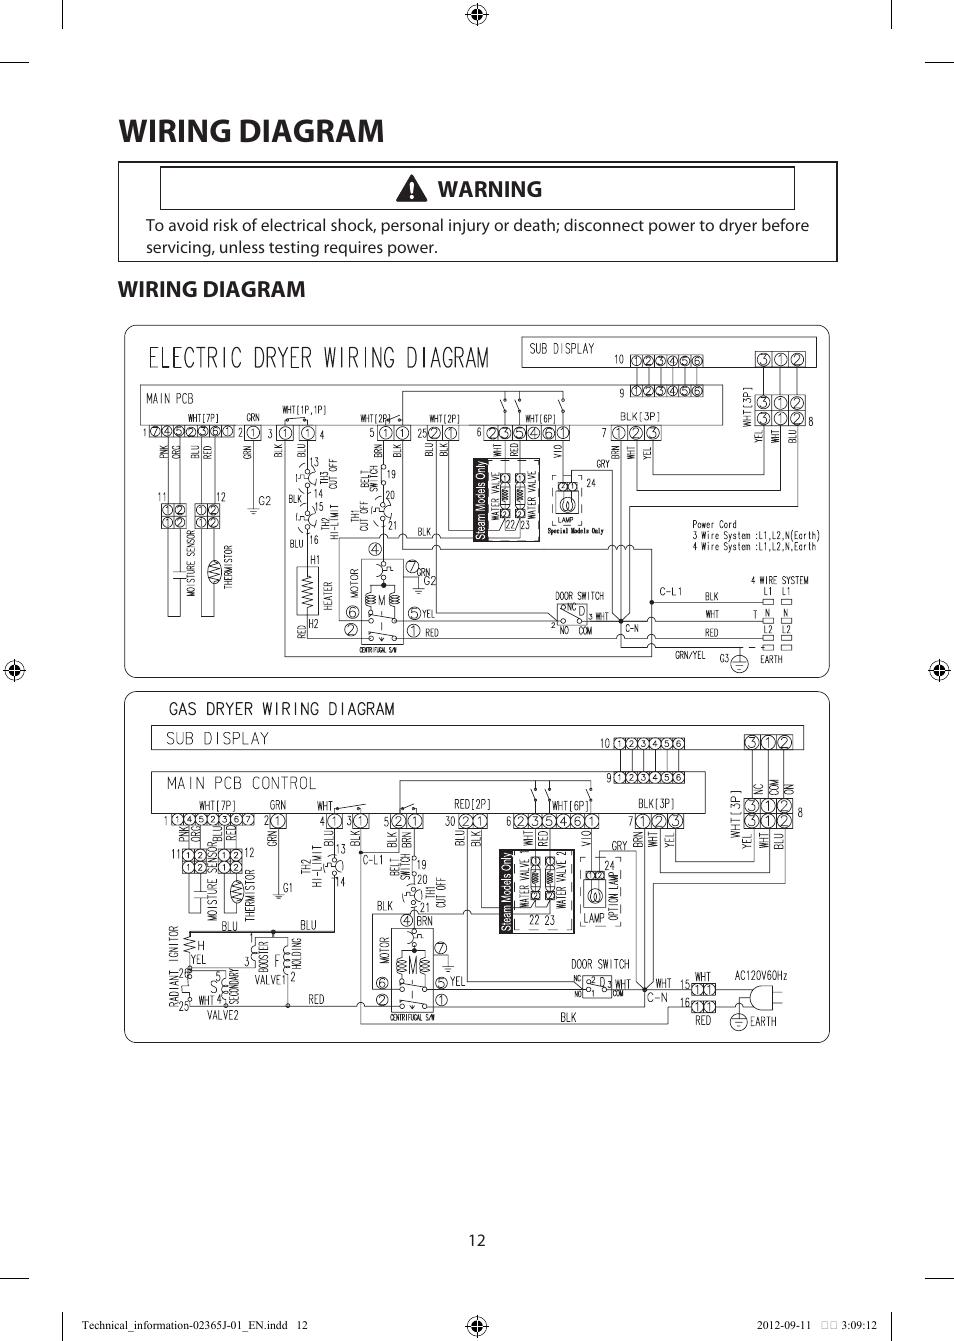 Wiring Diagram  Warning